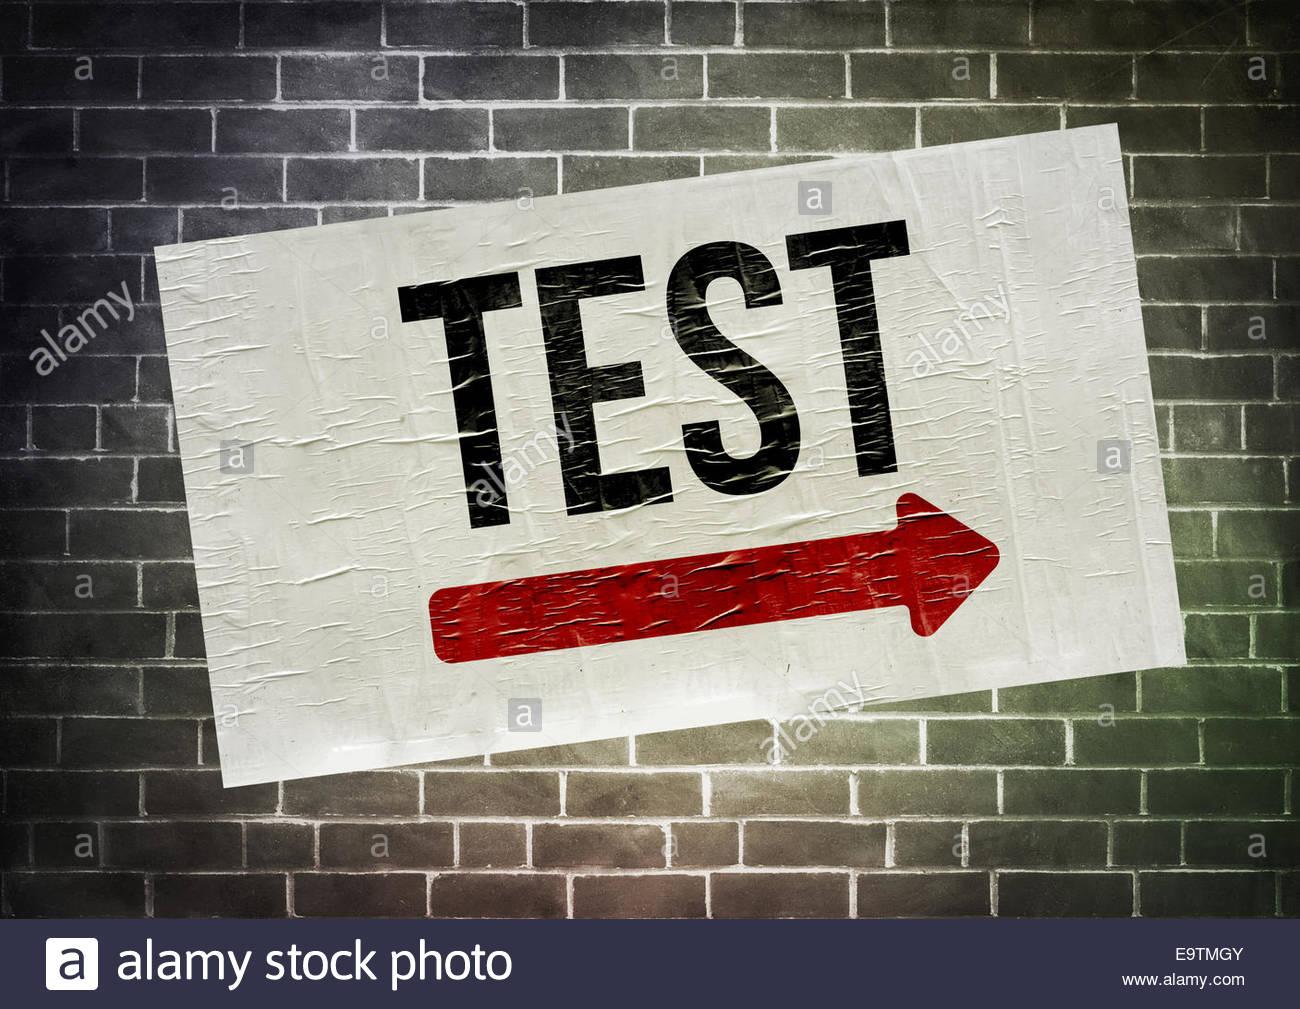 TEST - concept de l'affiche Photo Stock